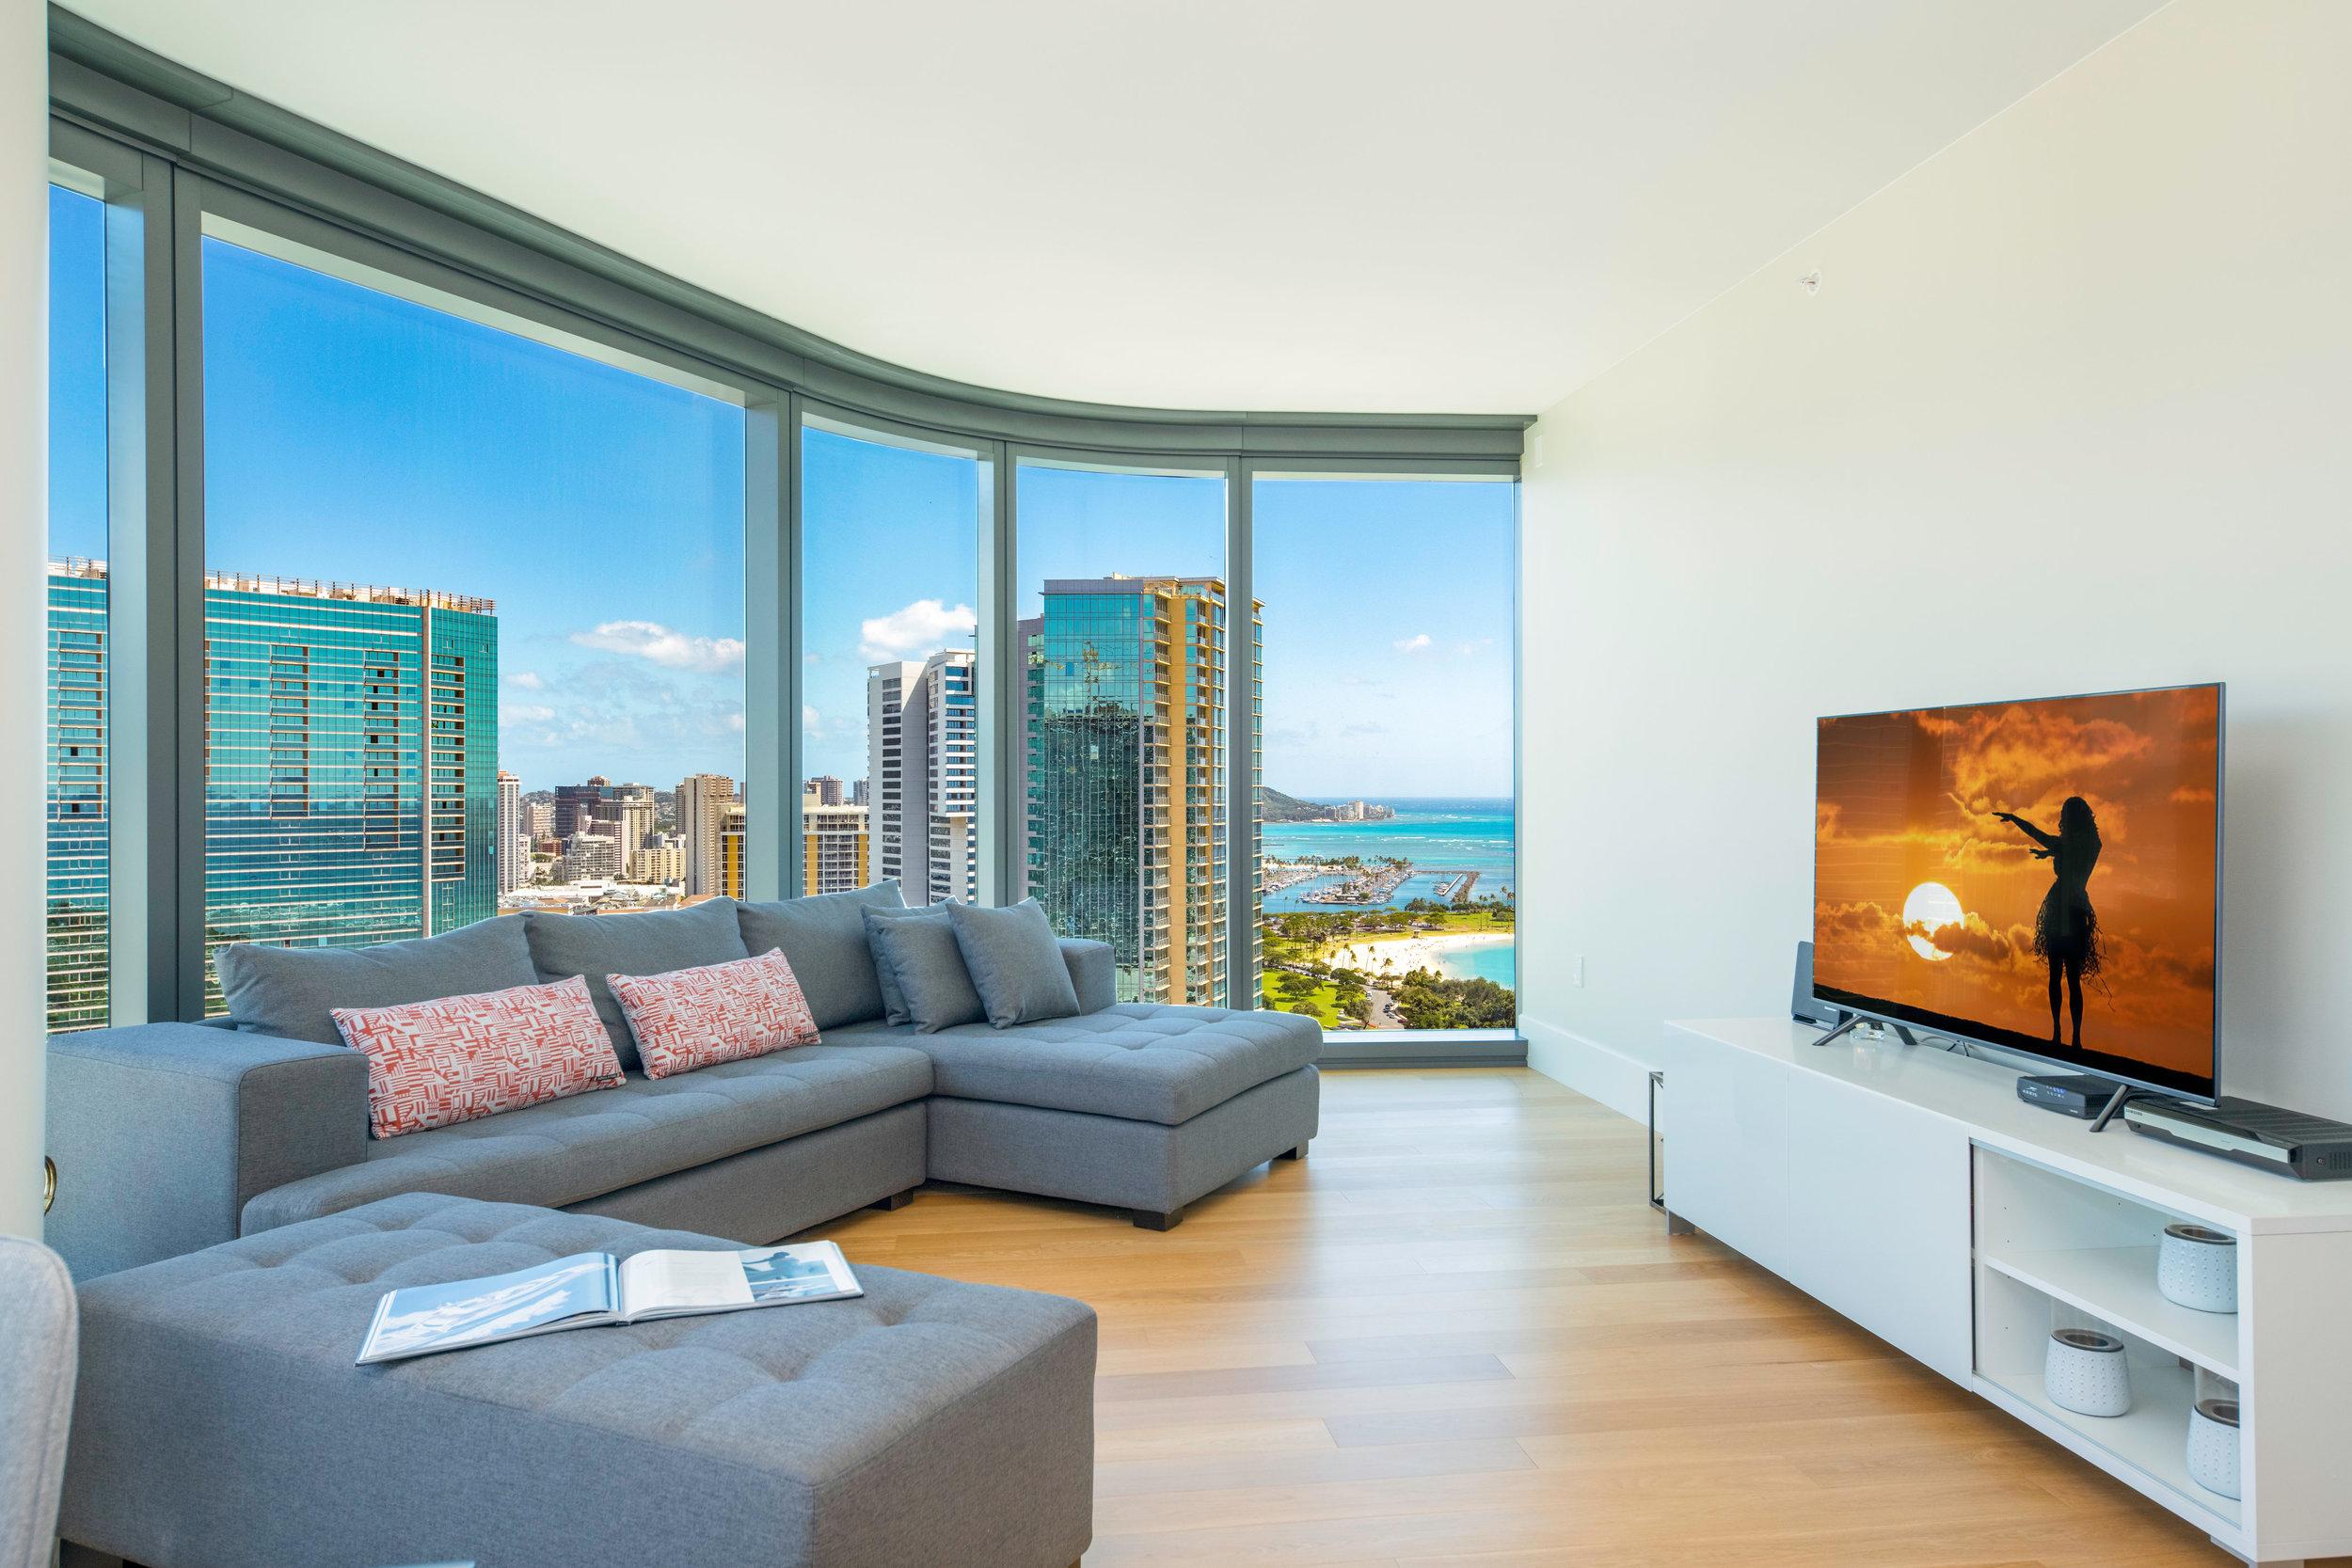 1108 Auahi St Honolulu HI-print-013-38-Anaha 1108 Auahi St 3008-4200x2800-300dpi.jpg